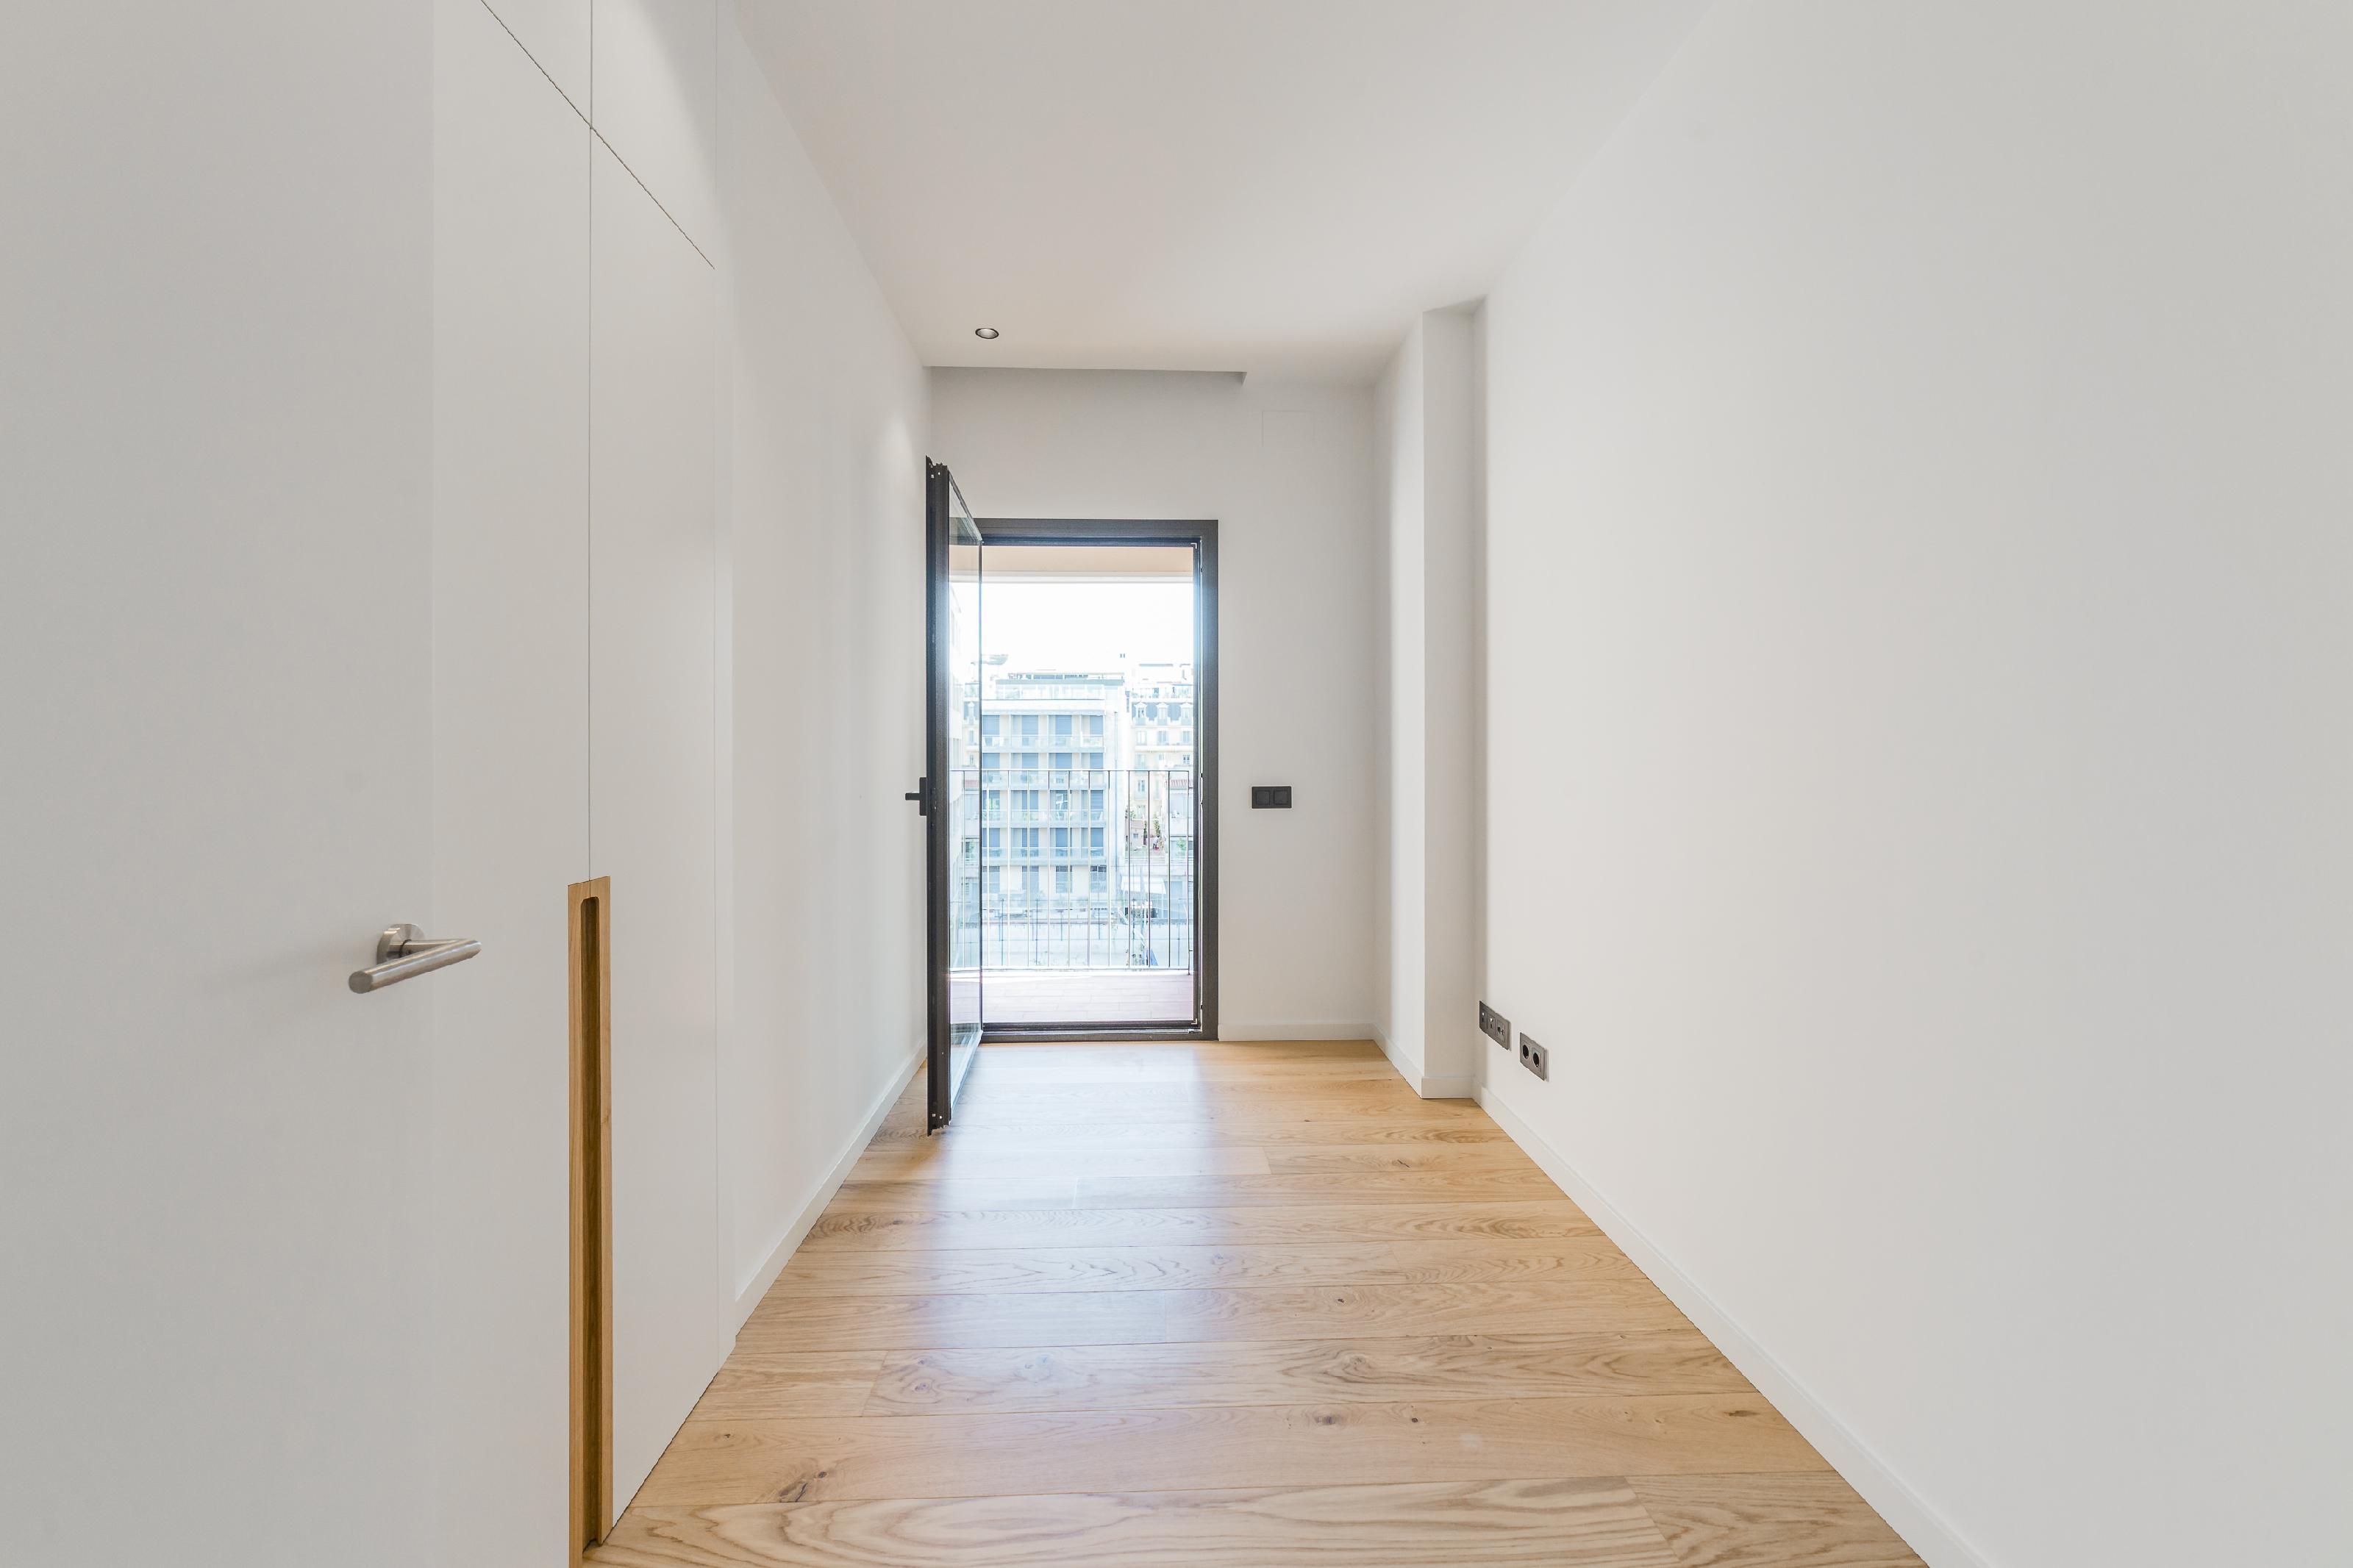 251949 Apartment for sale in Eixample, Antiga Esquerre Eixample 26